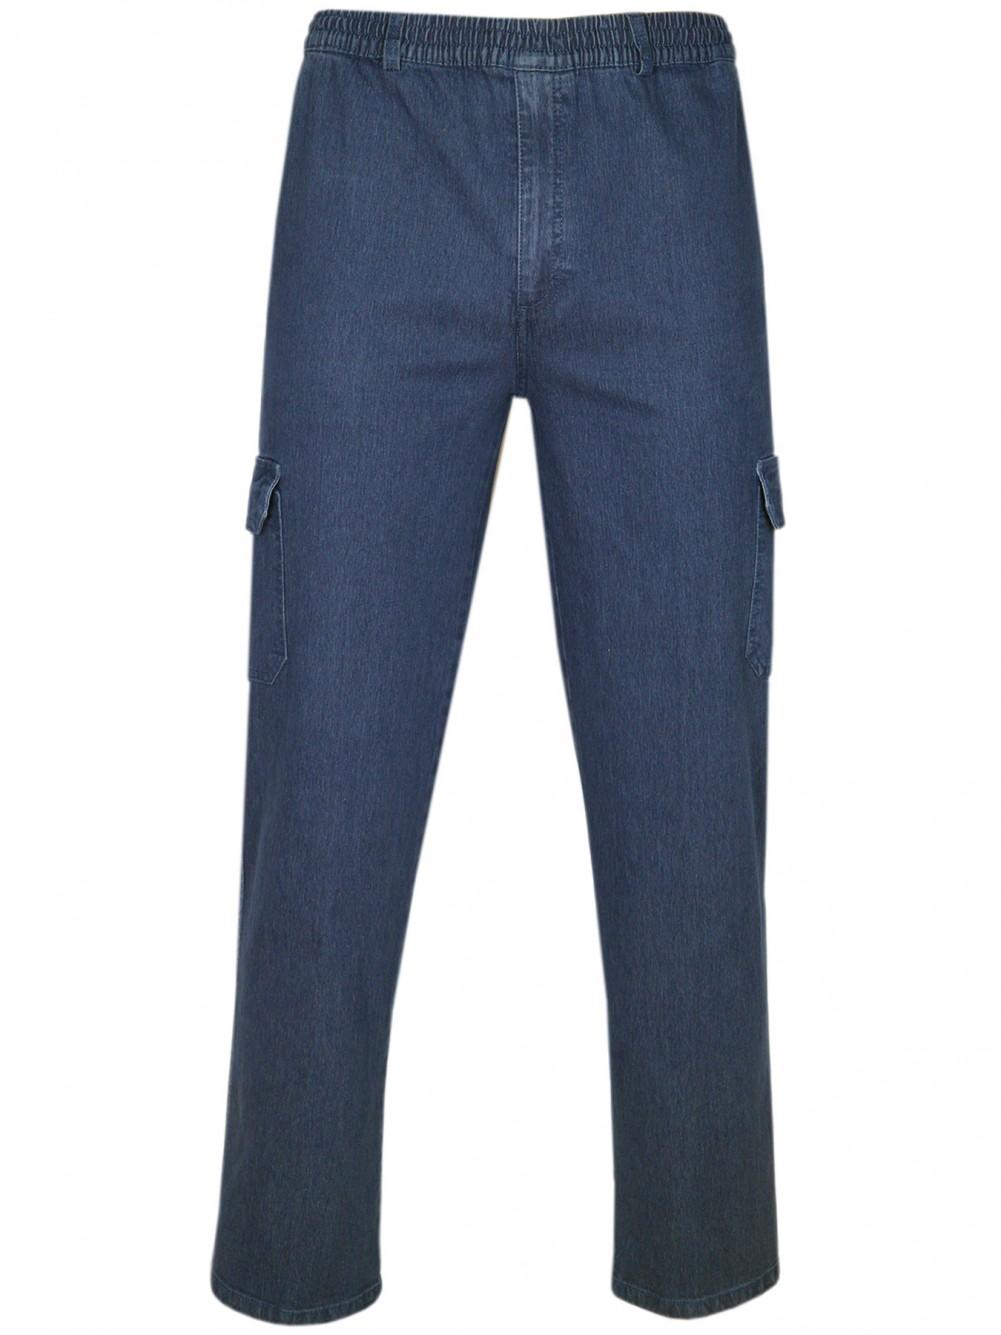 Elastische Jeans Schlupfhosen bequeme Schlupfjeans Herbst-Winter-Kollektion-Blue